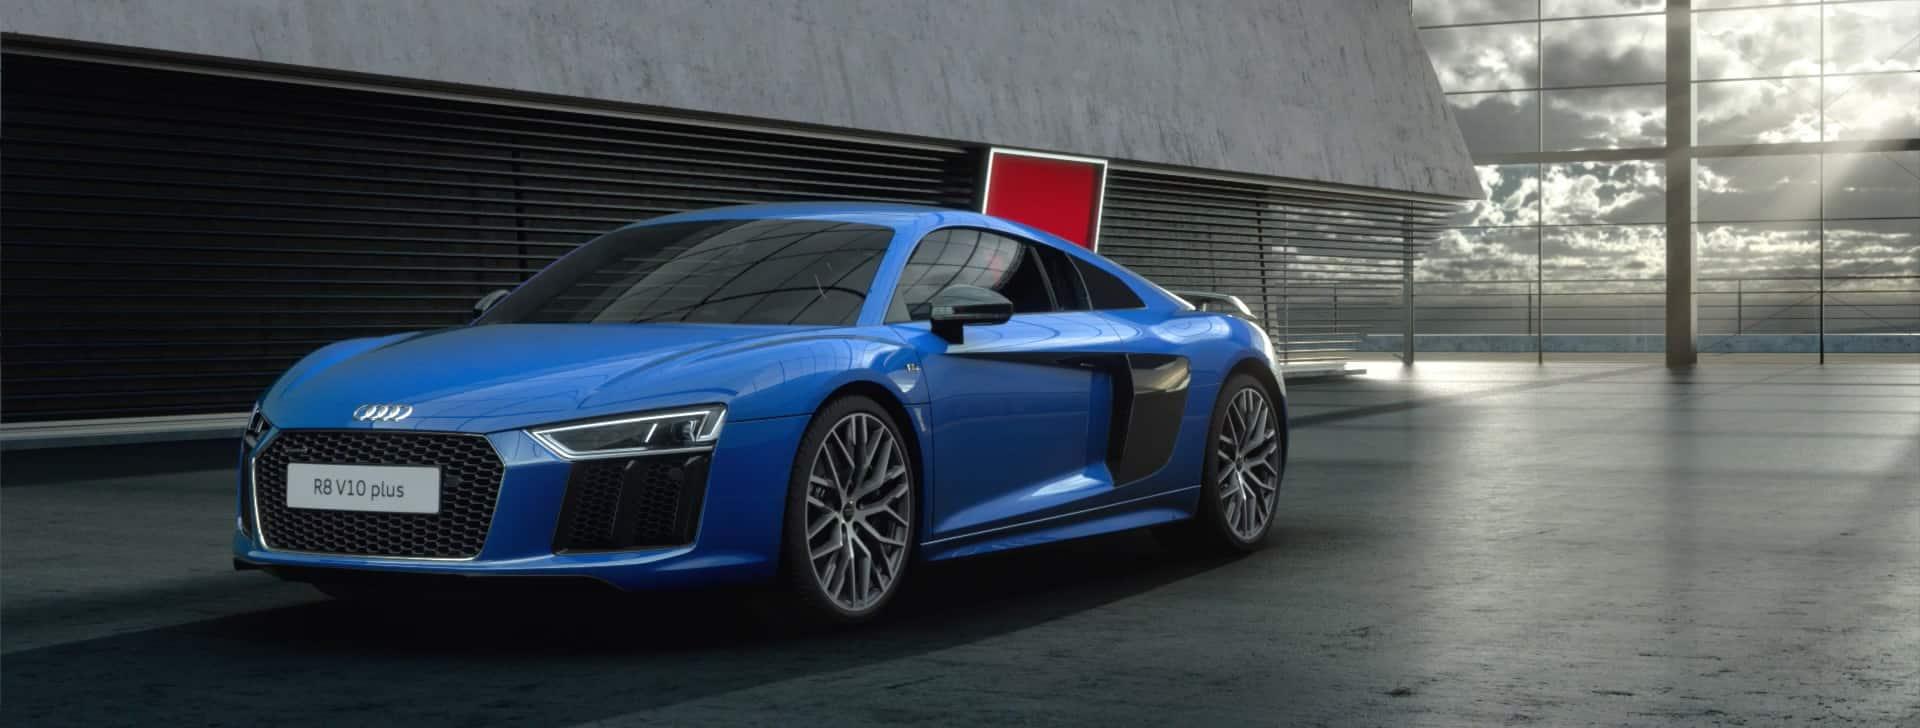 Audi R8 Coupe Audi Sa Audi R8 Model Audi Sa Home Audi Sa